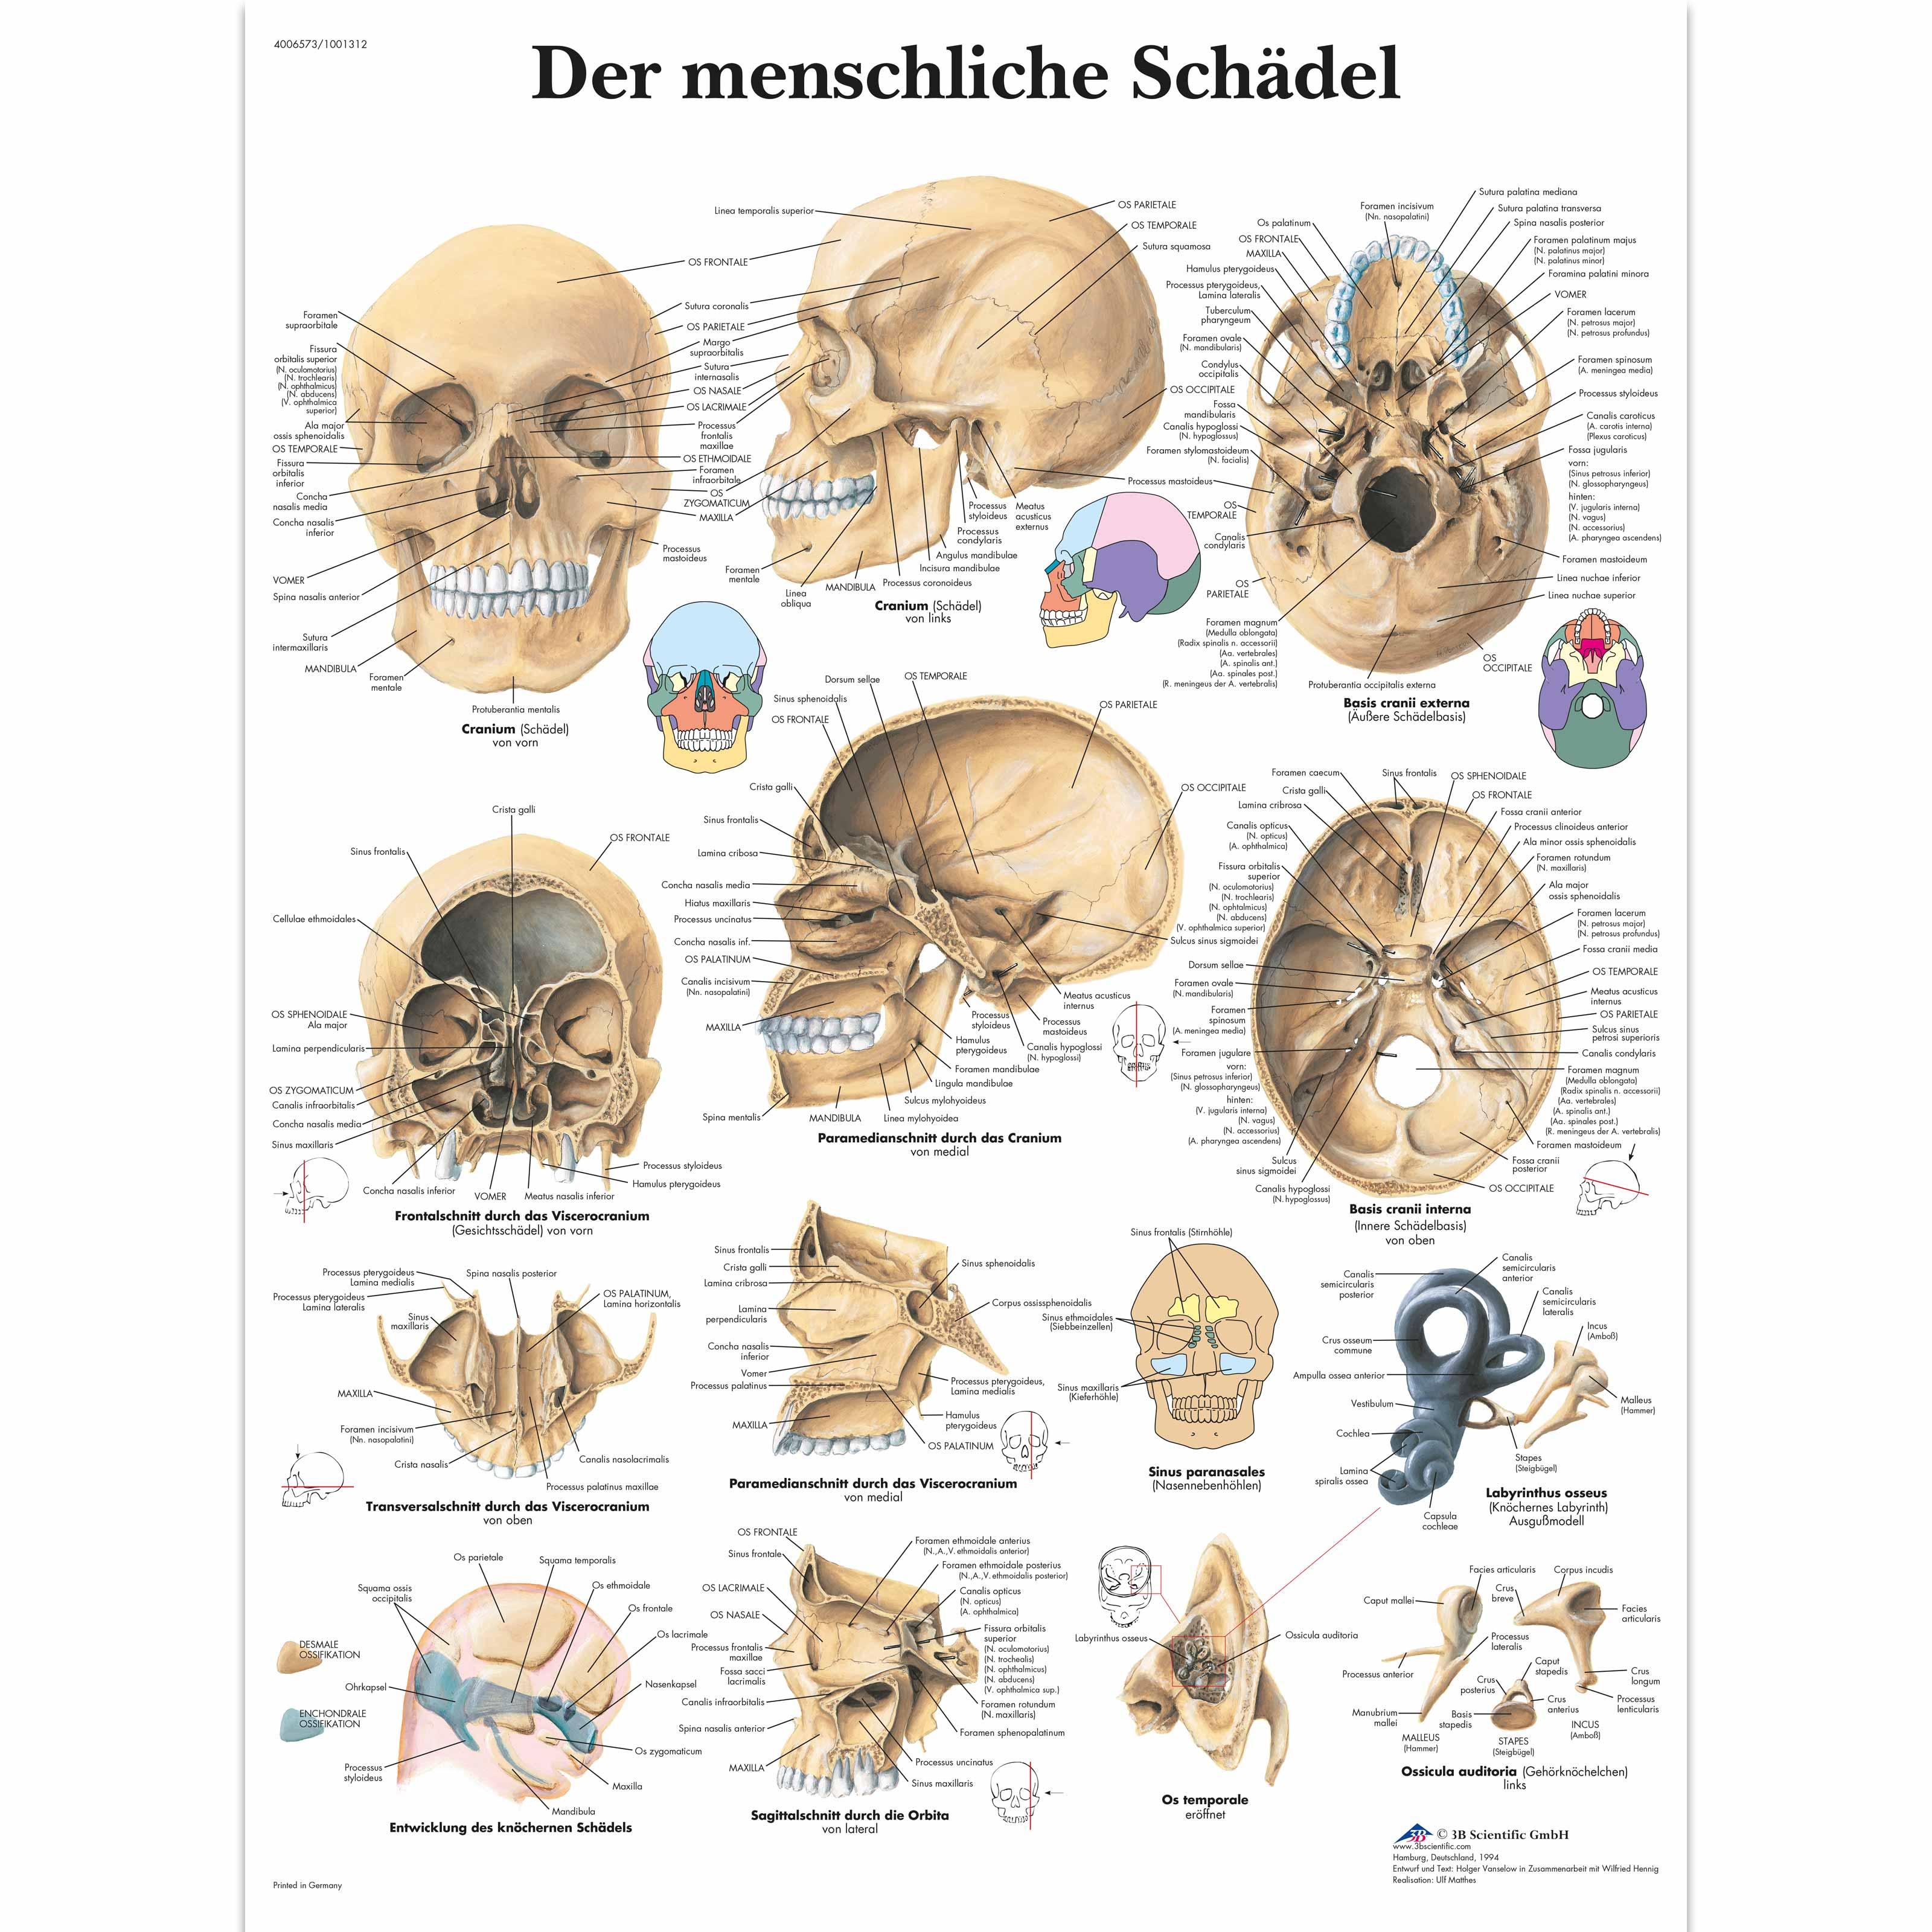 Der menschliche Schädel - 4006573 - VR0131UU - Skeletal System - 3B ...